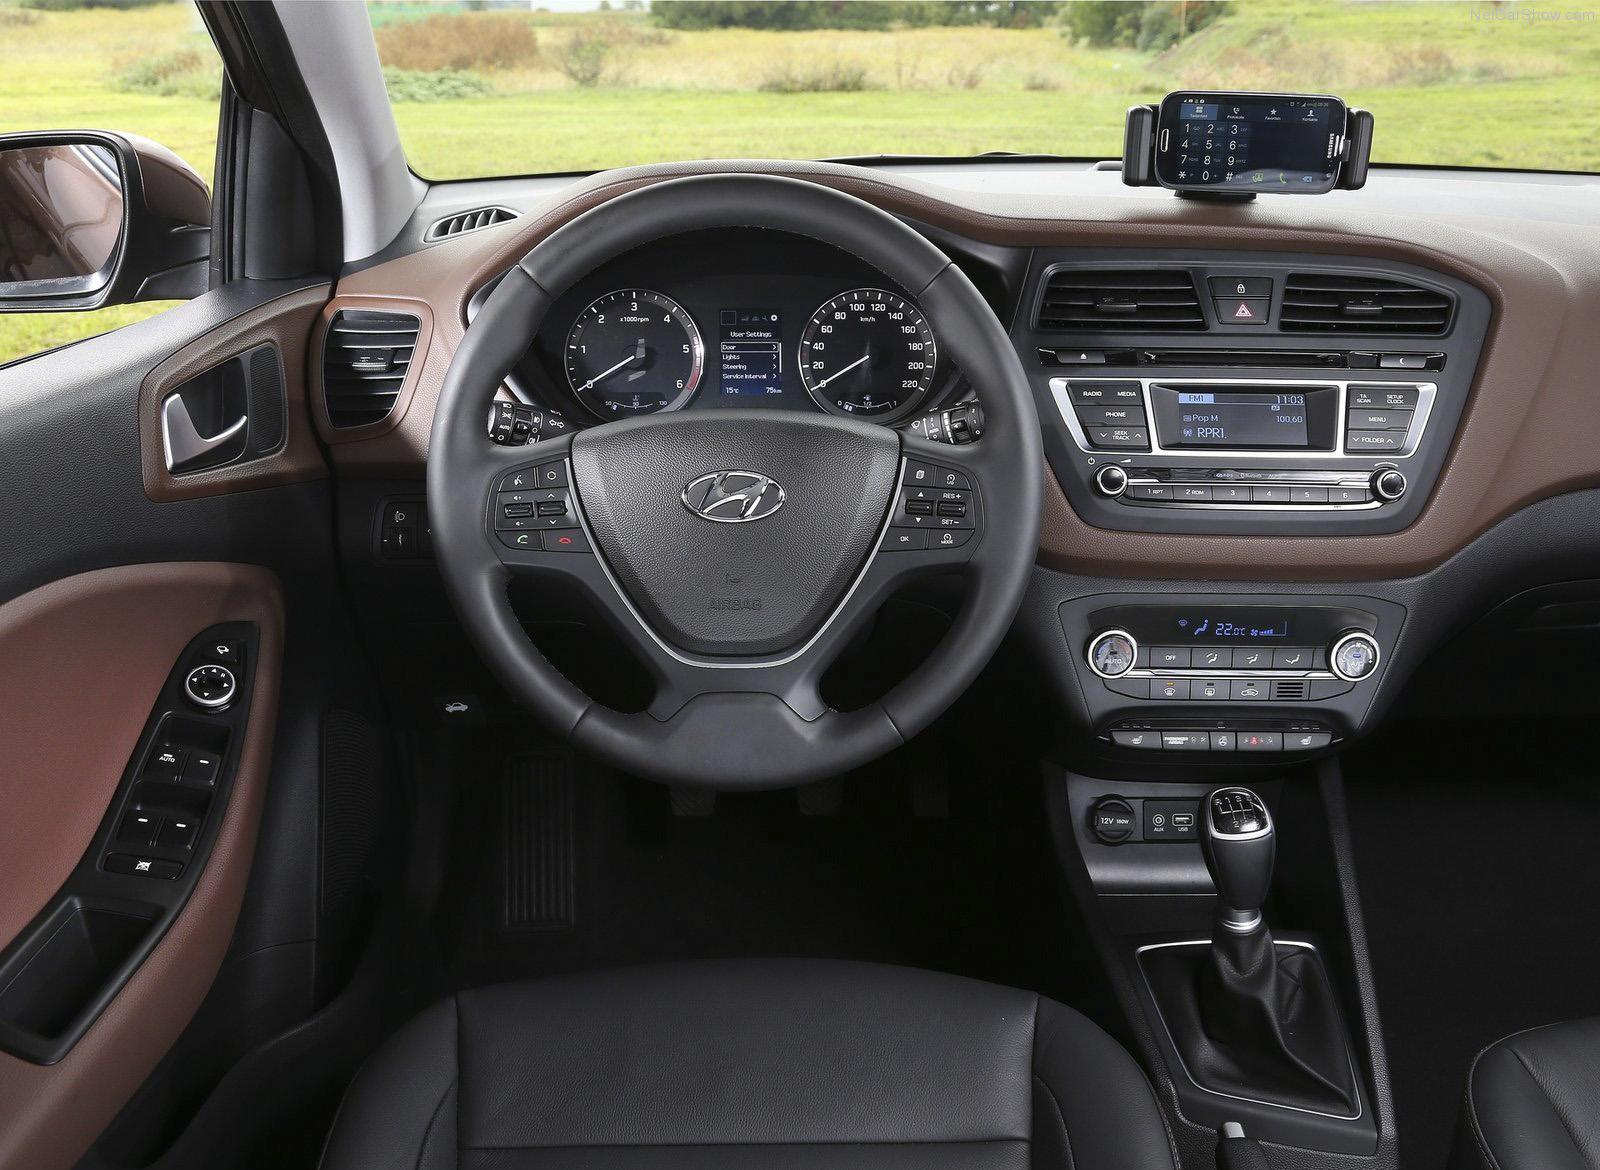 Hyundai i20 Elite giành giải Xe của năm 2015 tại Ấn Độ 7